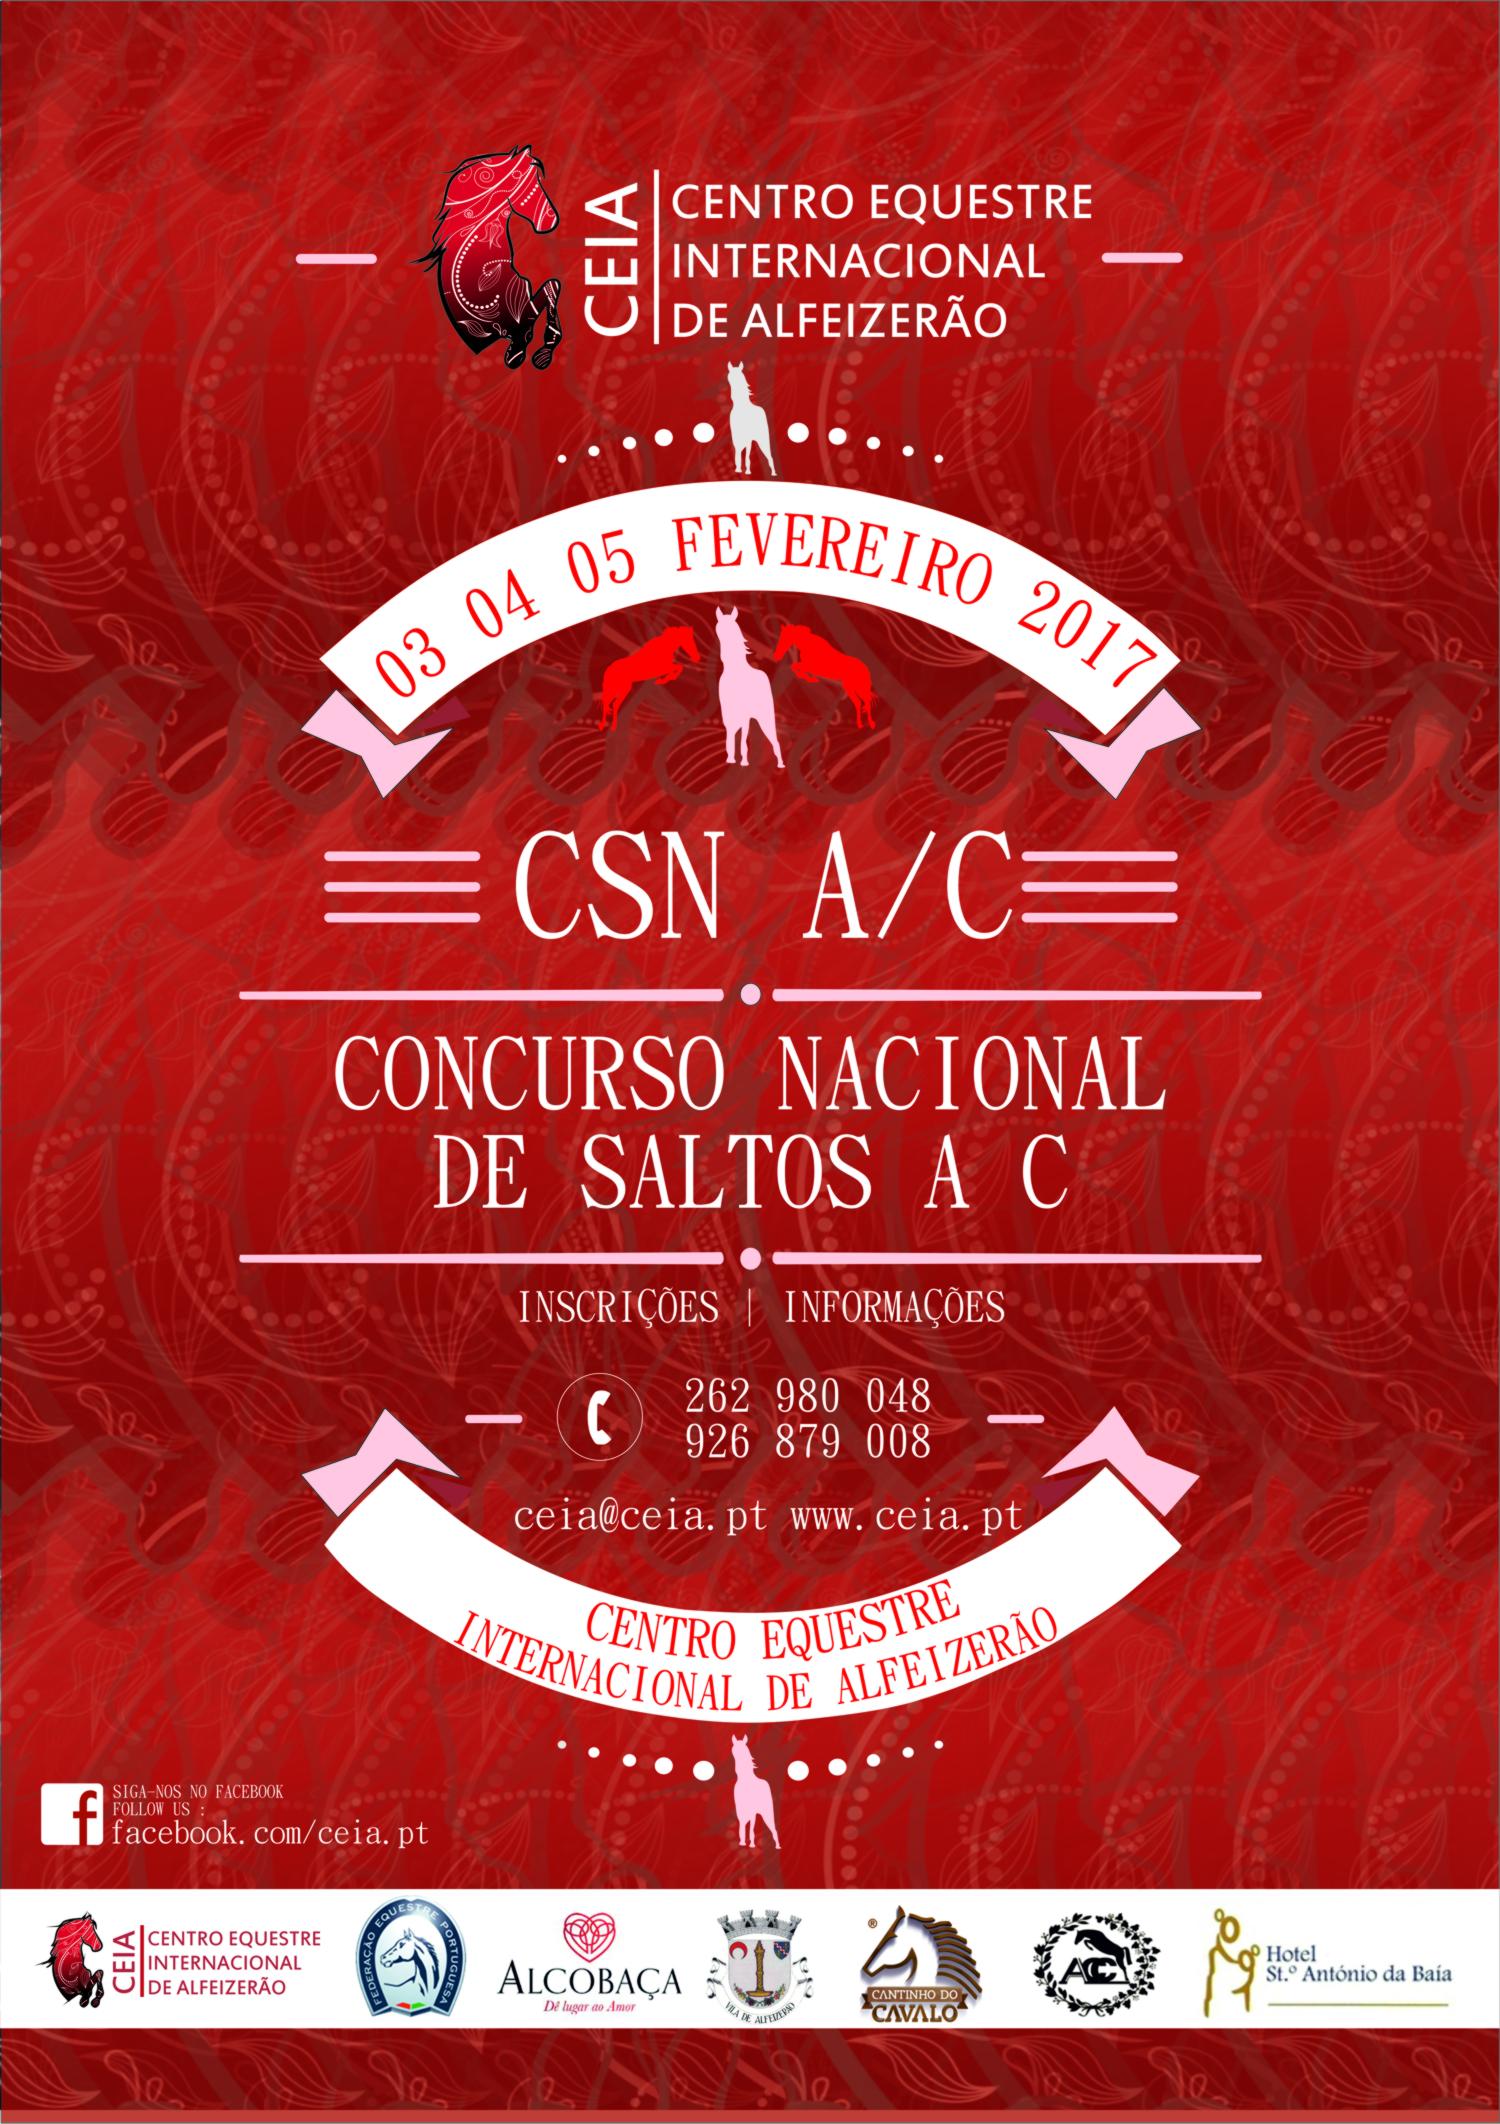 csn-a_c-03-04-05-fevereiro-small